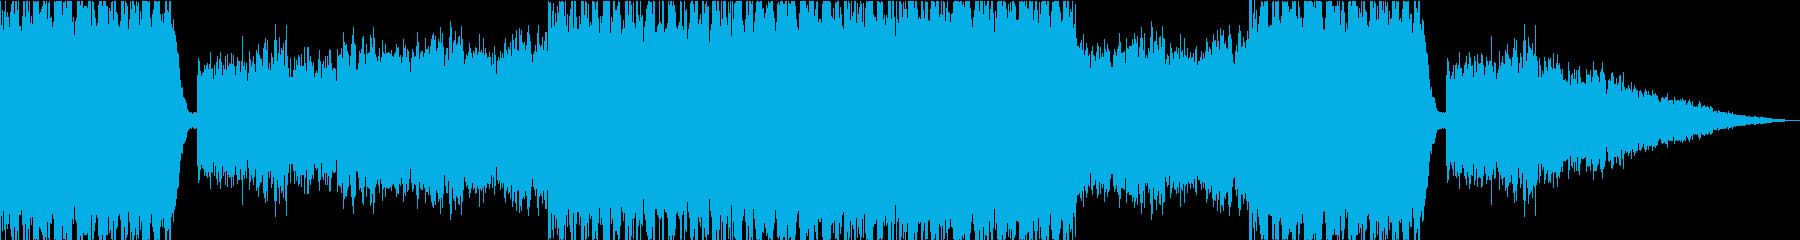 不穏な空気の中での戦闘BGMの再生済みの波形